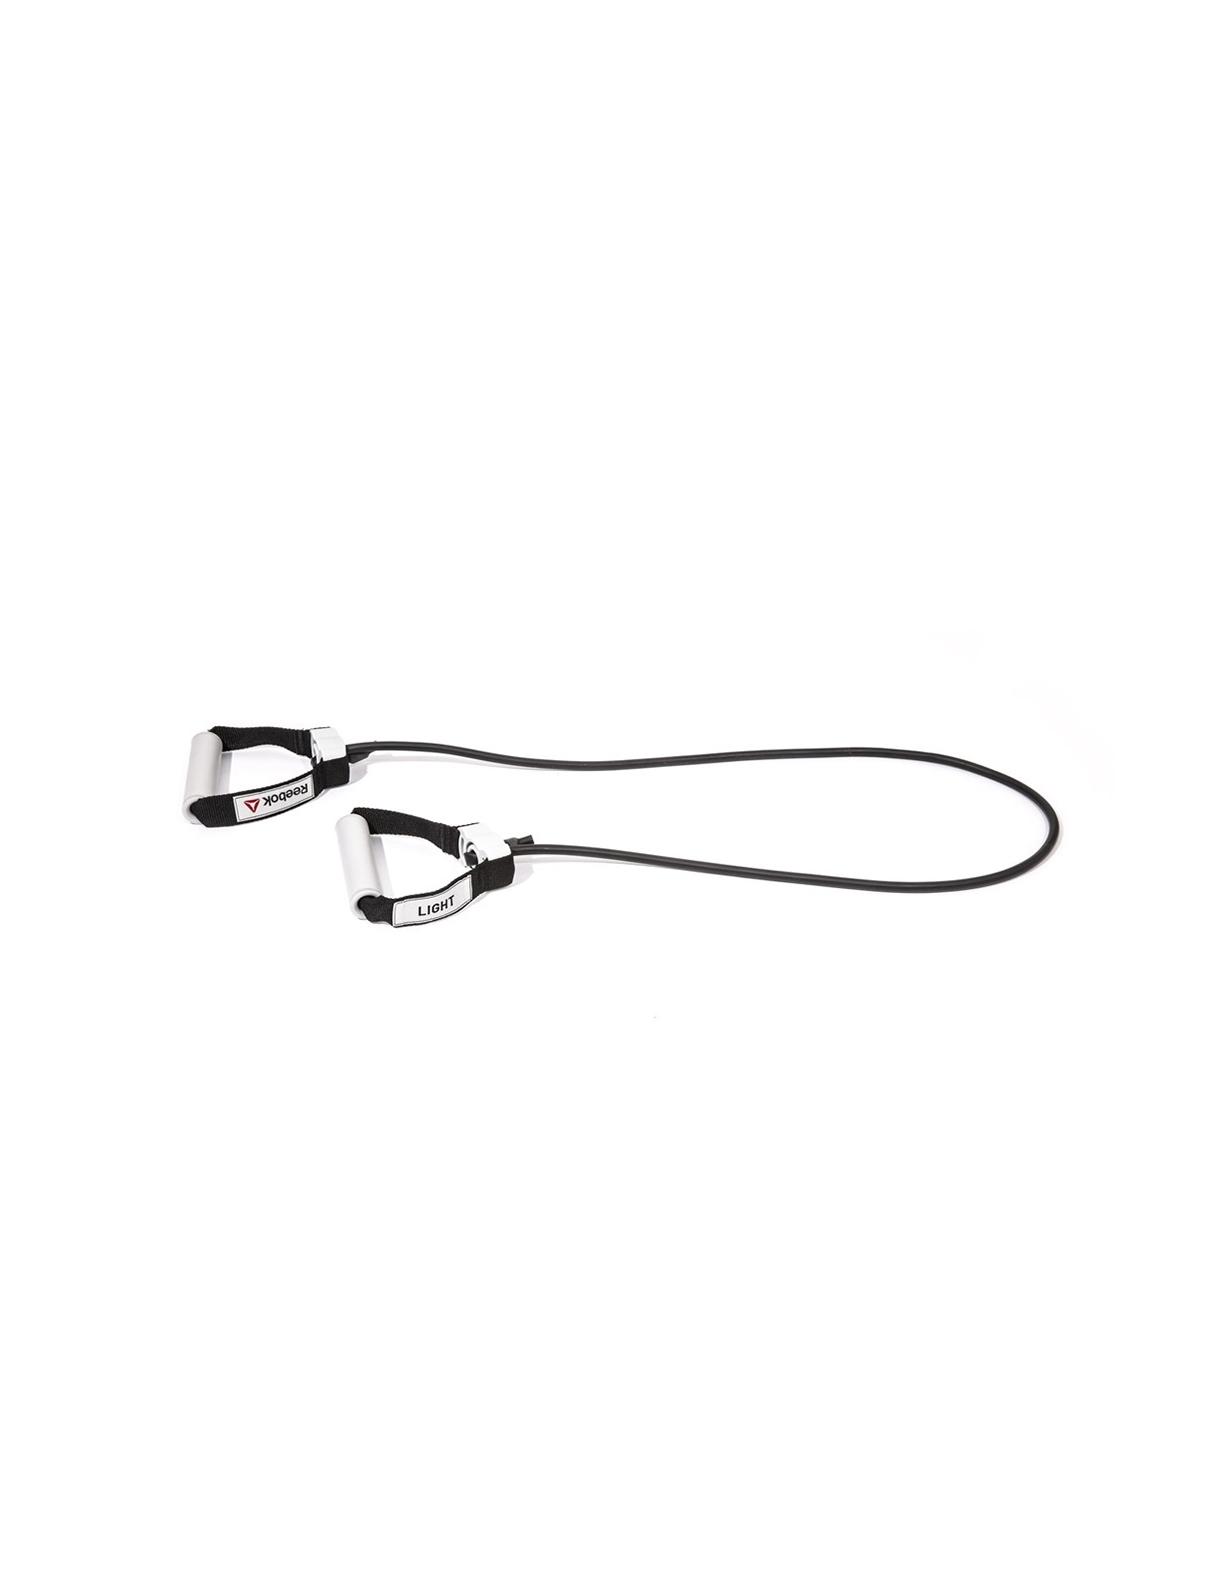 RSTB-16075  Adjustable Resistance Tube medium